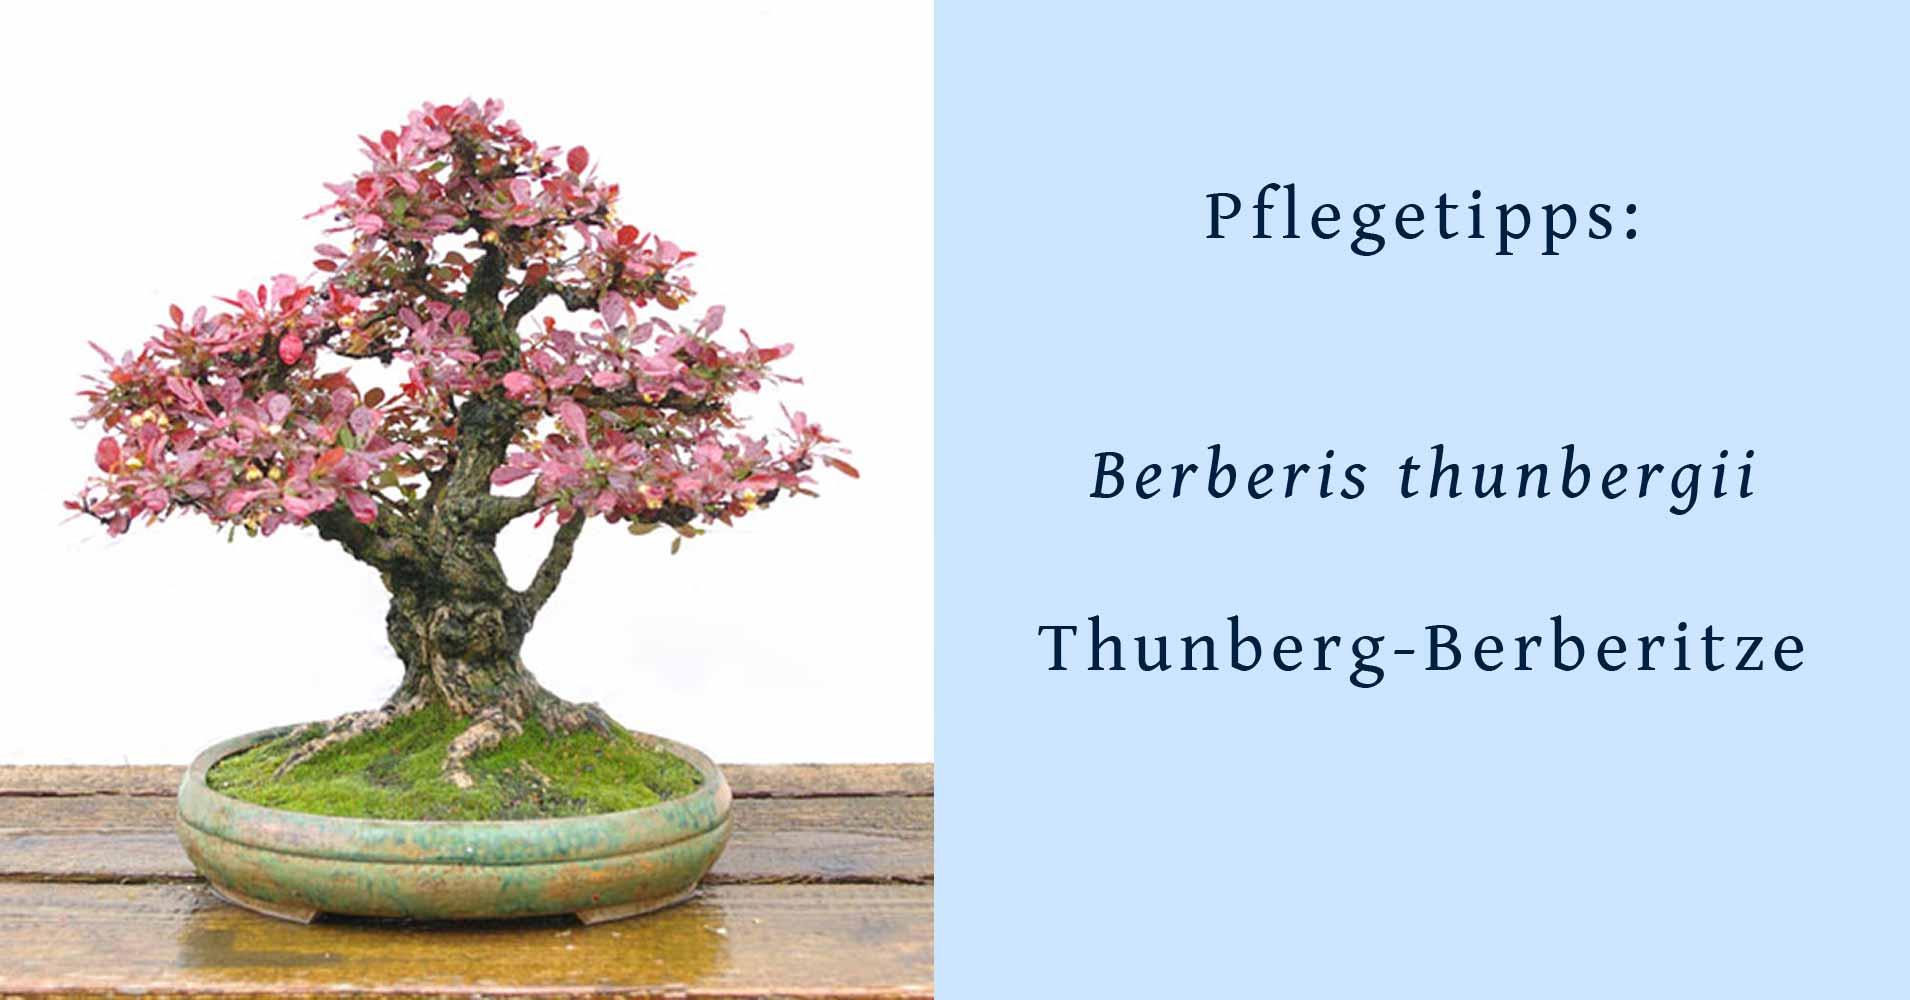 Ganz und zu Extrem Berberis thunbergii, Thunberg-Berberitze, Tipps zur Gestaltung und &XW_39